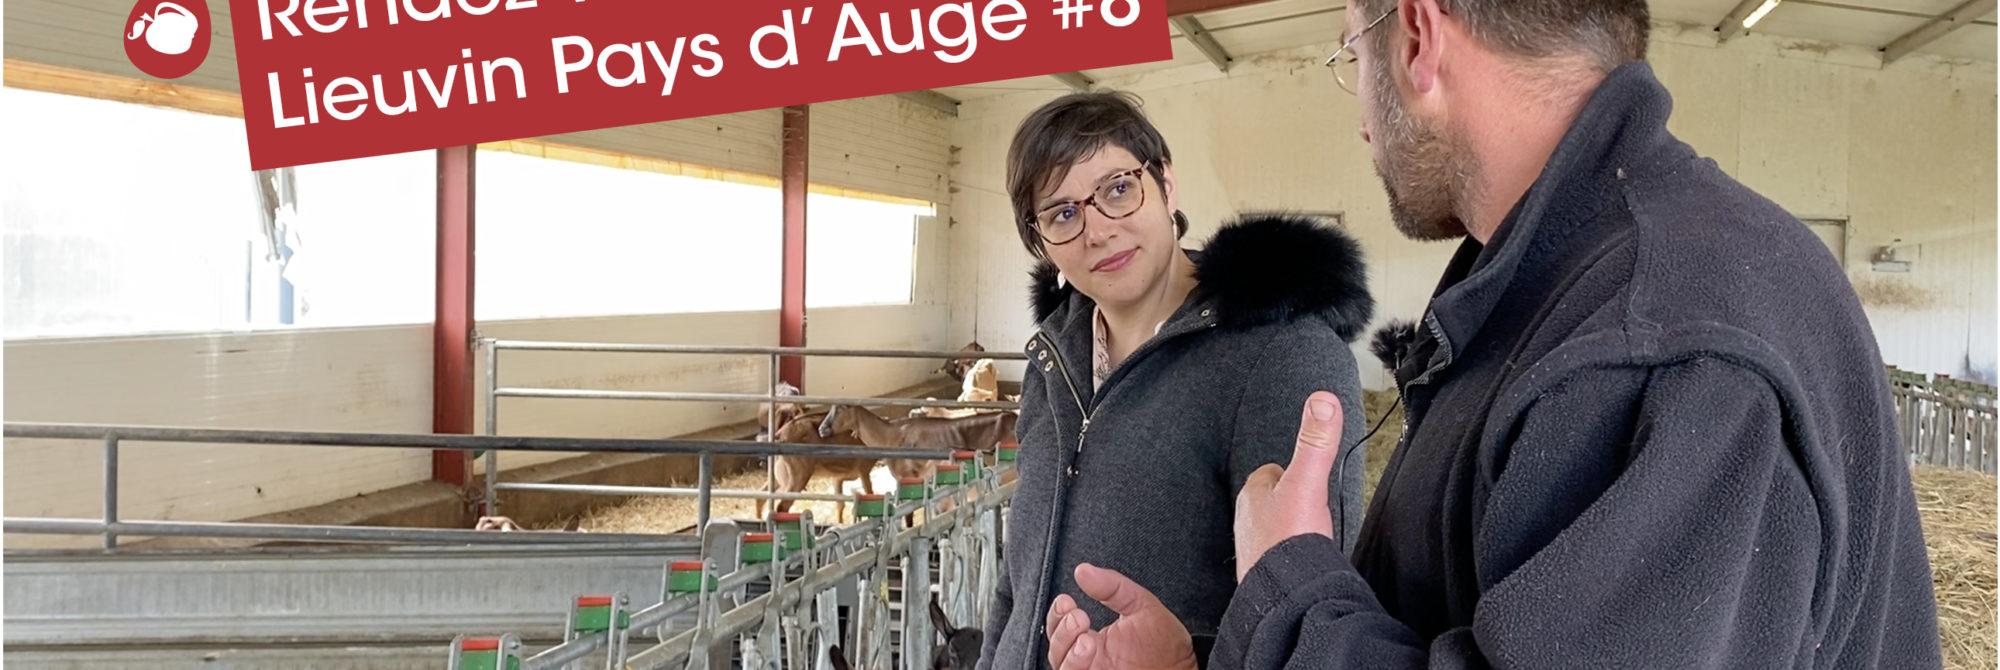 Rendez-vous en Lieuvin Pays d'Auge #8 : Découverte de la Chèvrerie du Mesnil à Fort-Moville  1